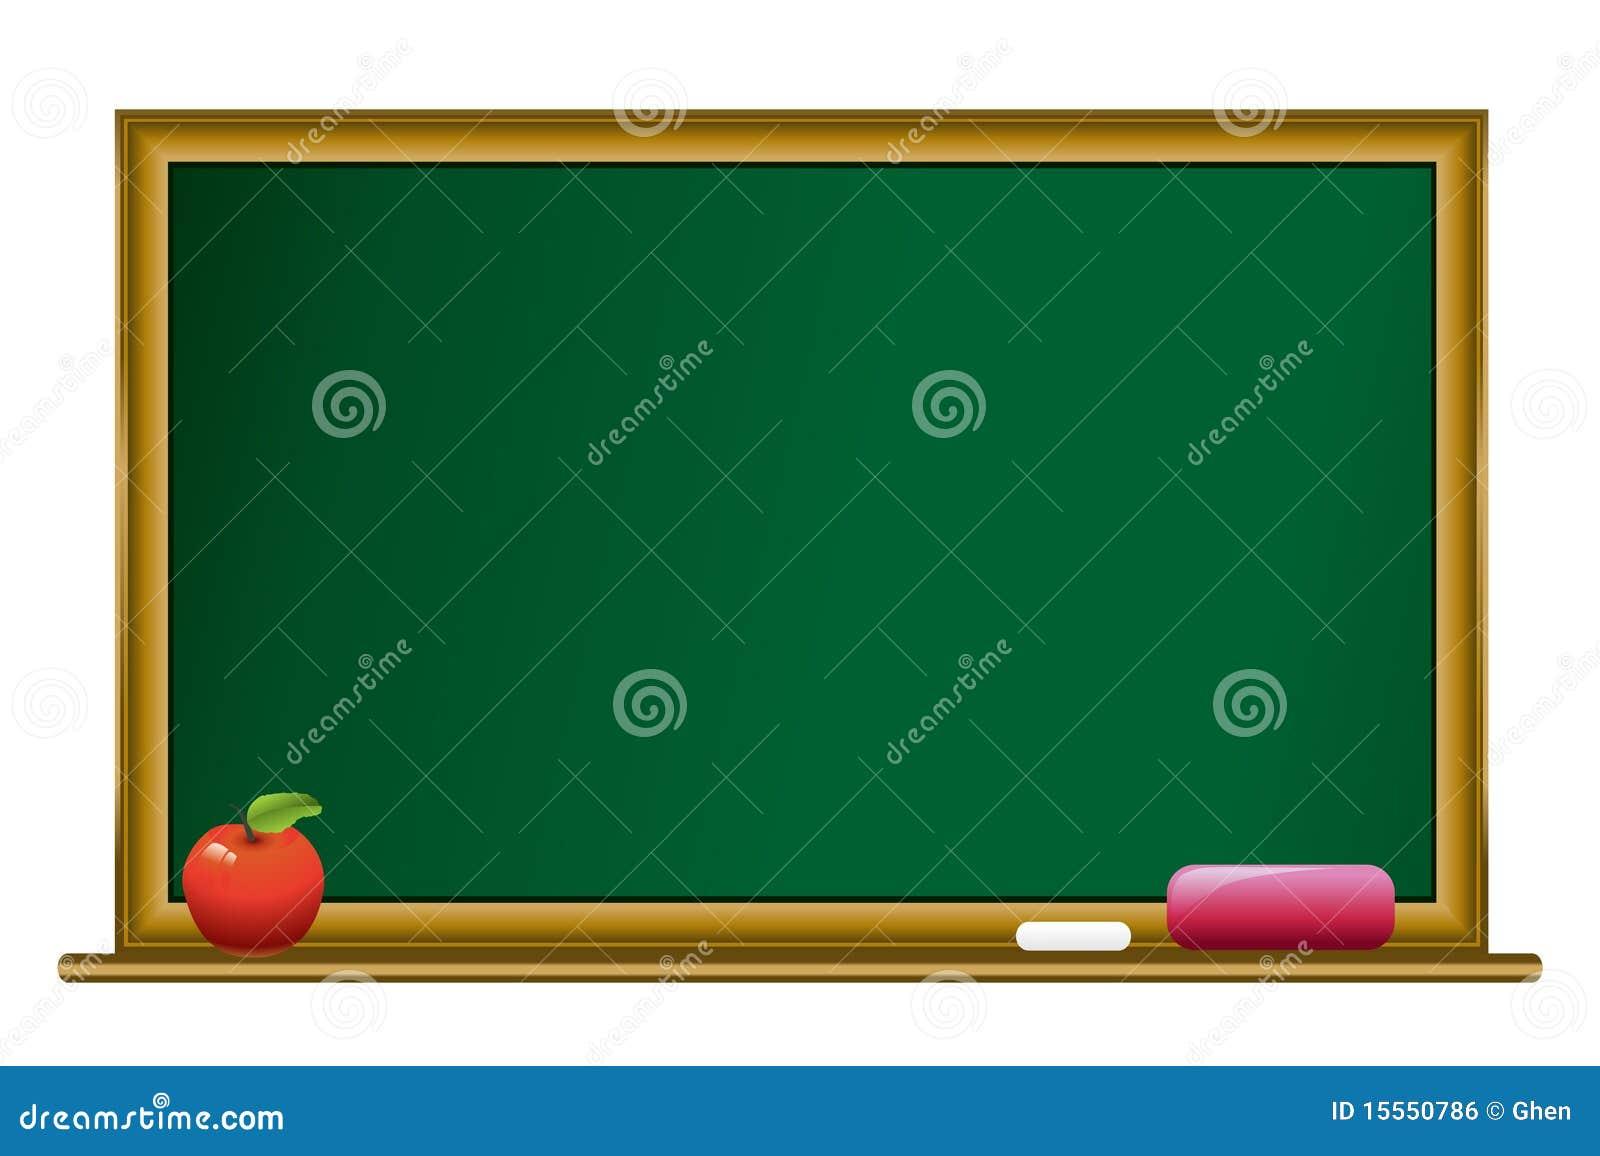 Bord met krijt en appel